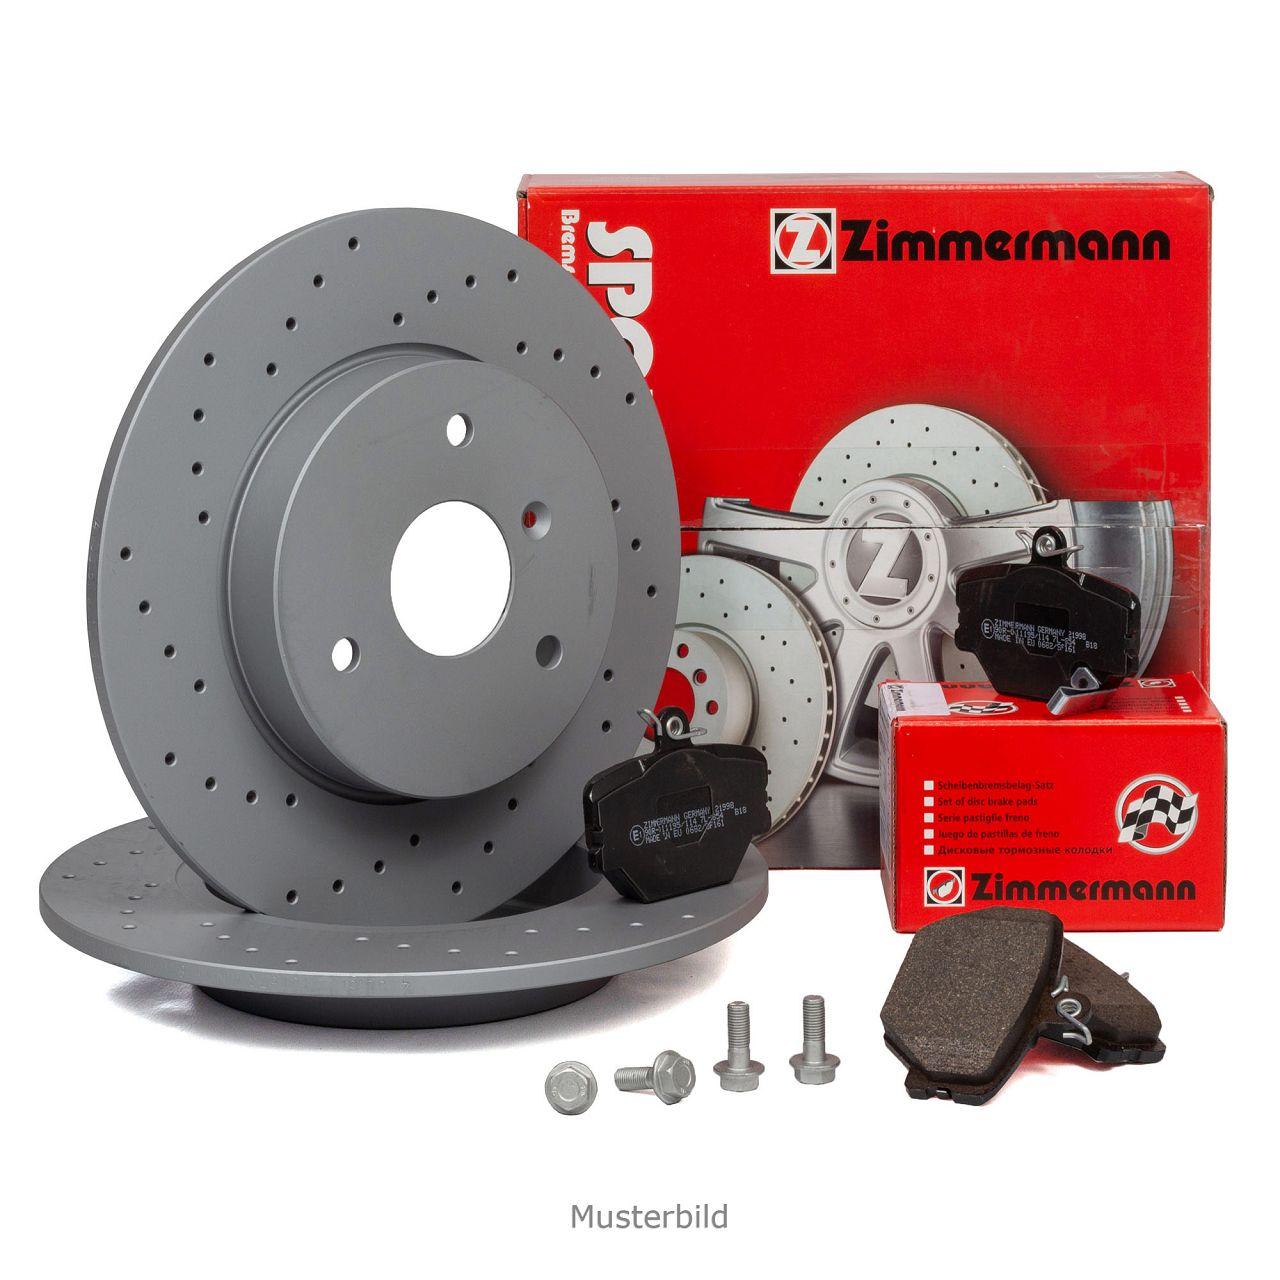 ZIMMERMANN Bremsen SPORT Bremsscheiben + Beläge für Lancia Ypsilon (843) vorne